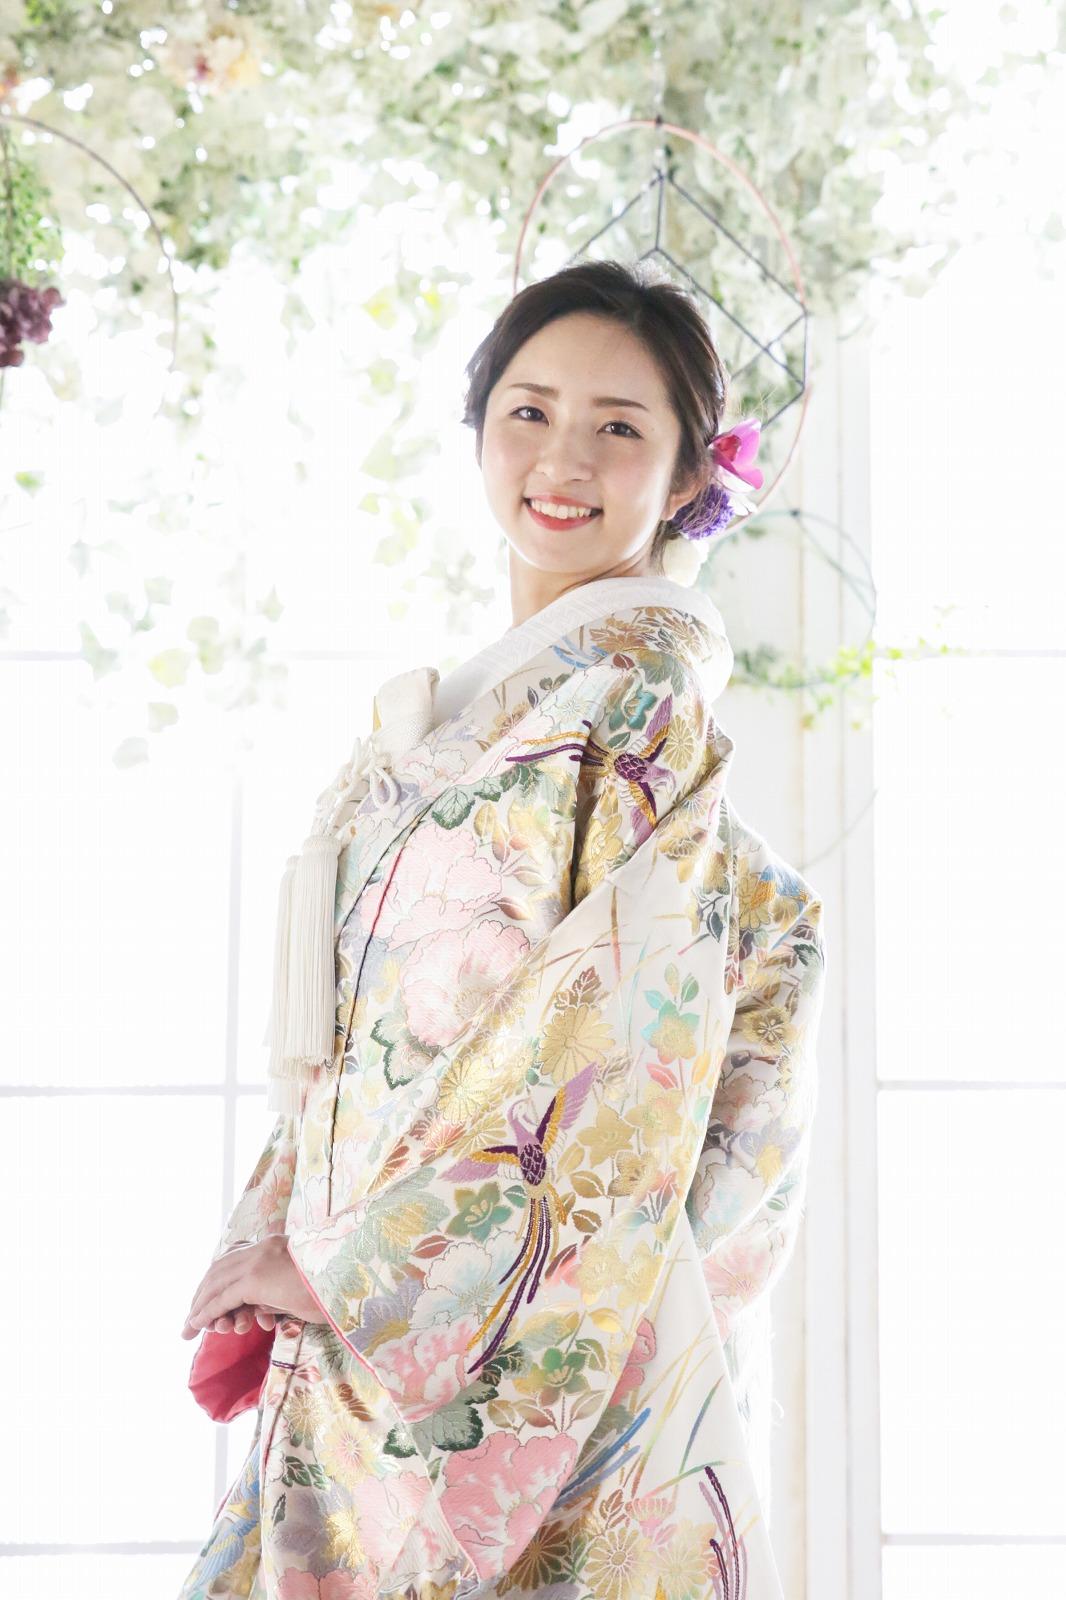 和装ならブライダルヒロにお任せ!10万円台で最高級衣装がレンタル可能!